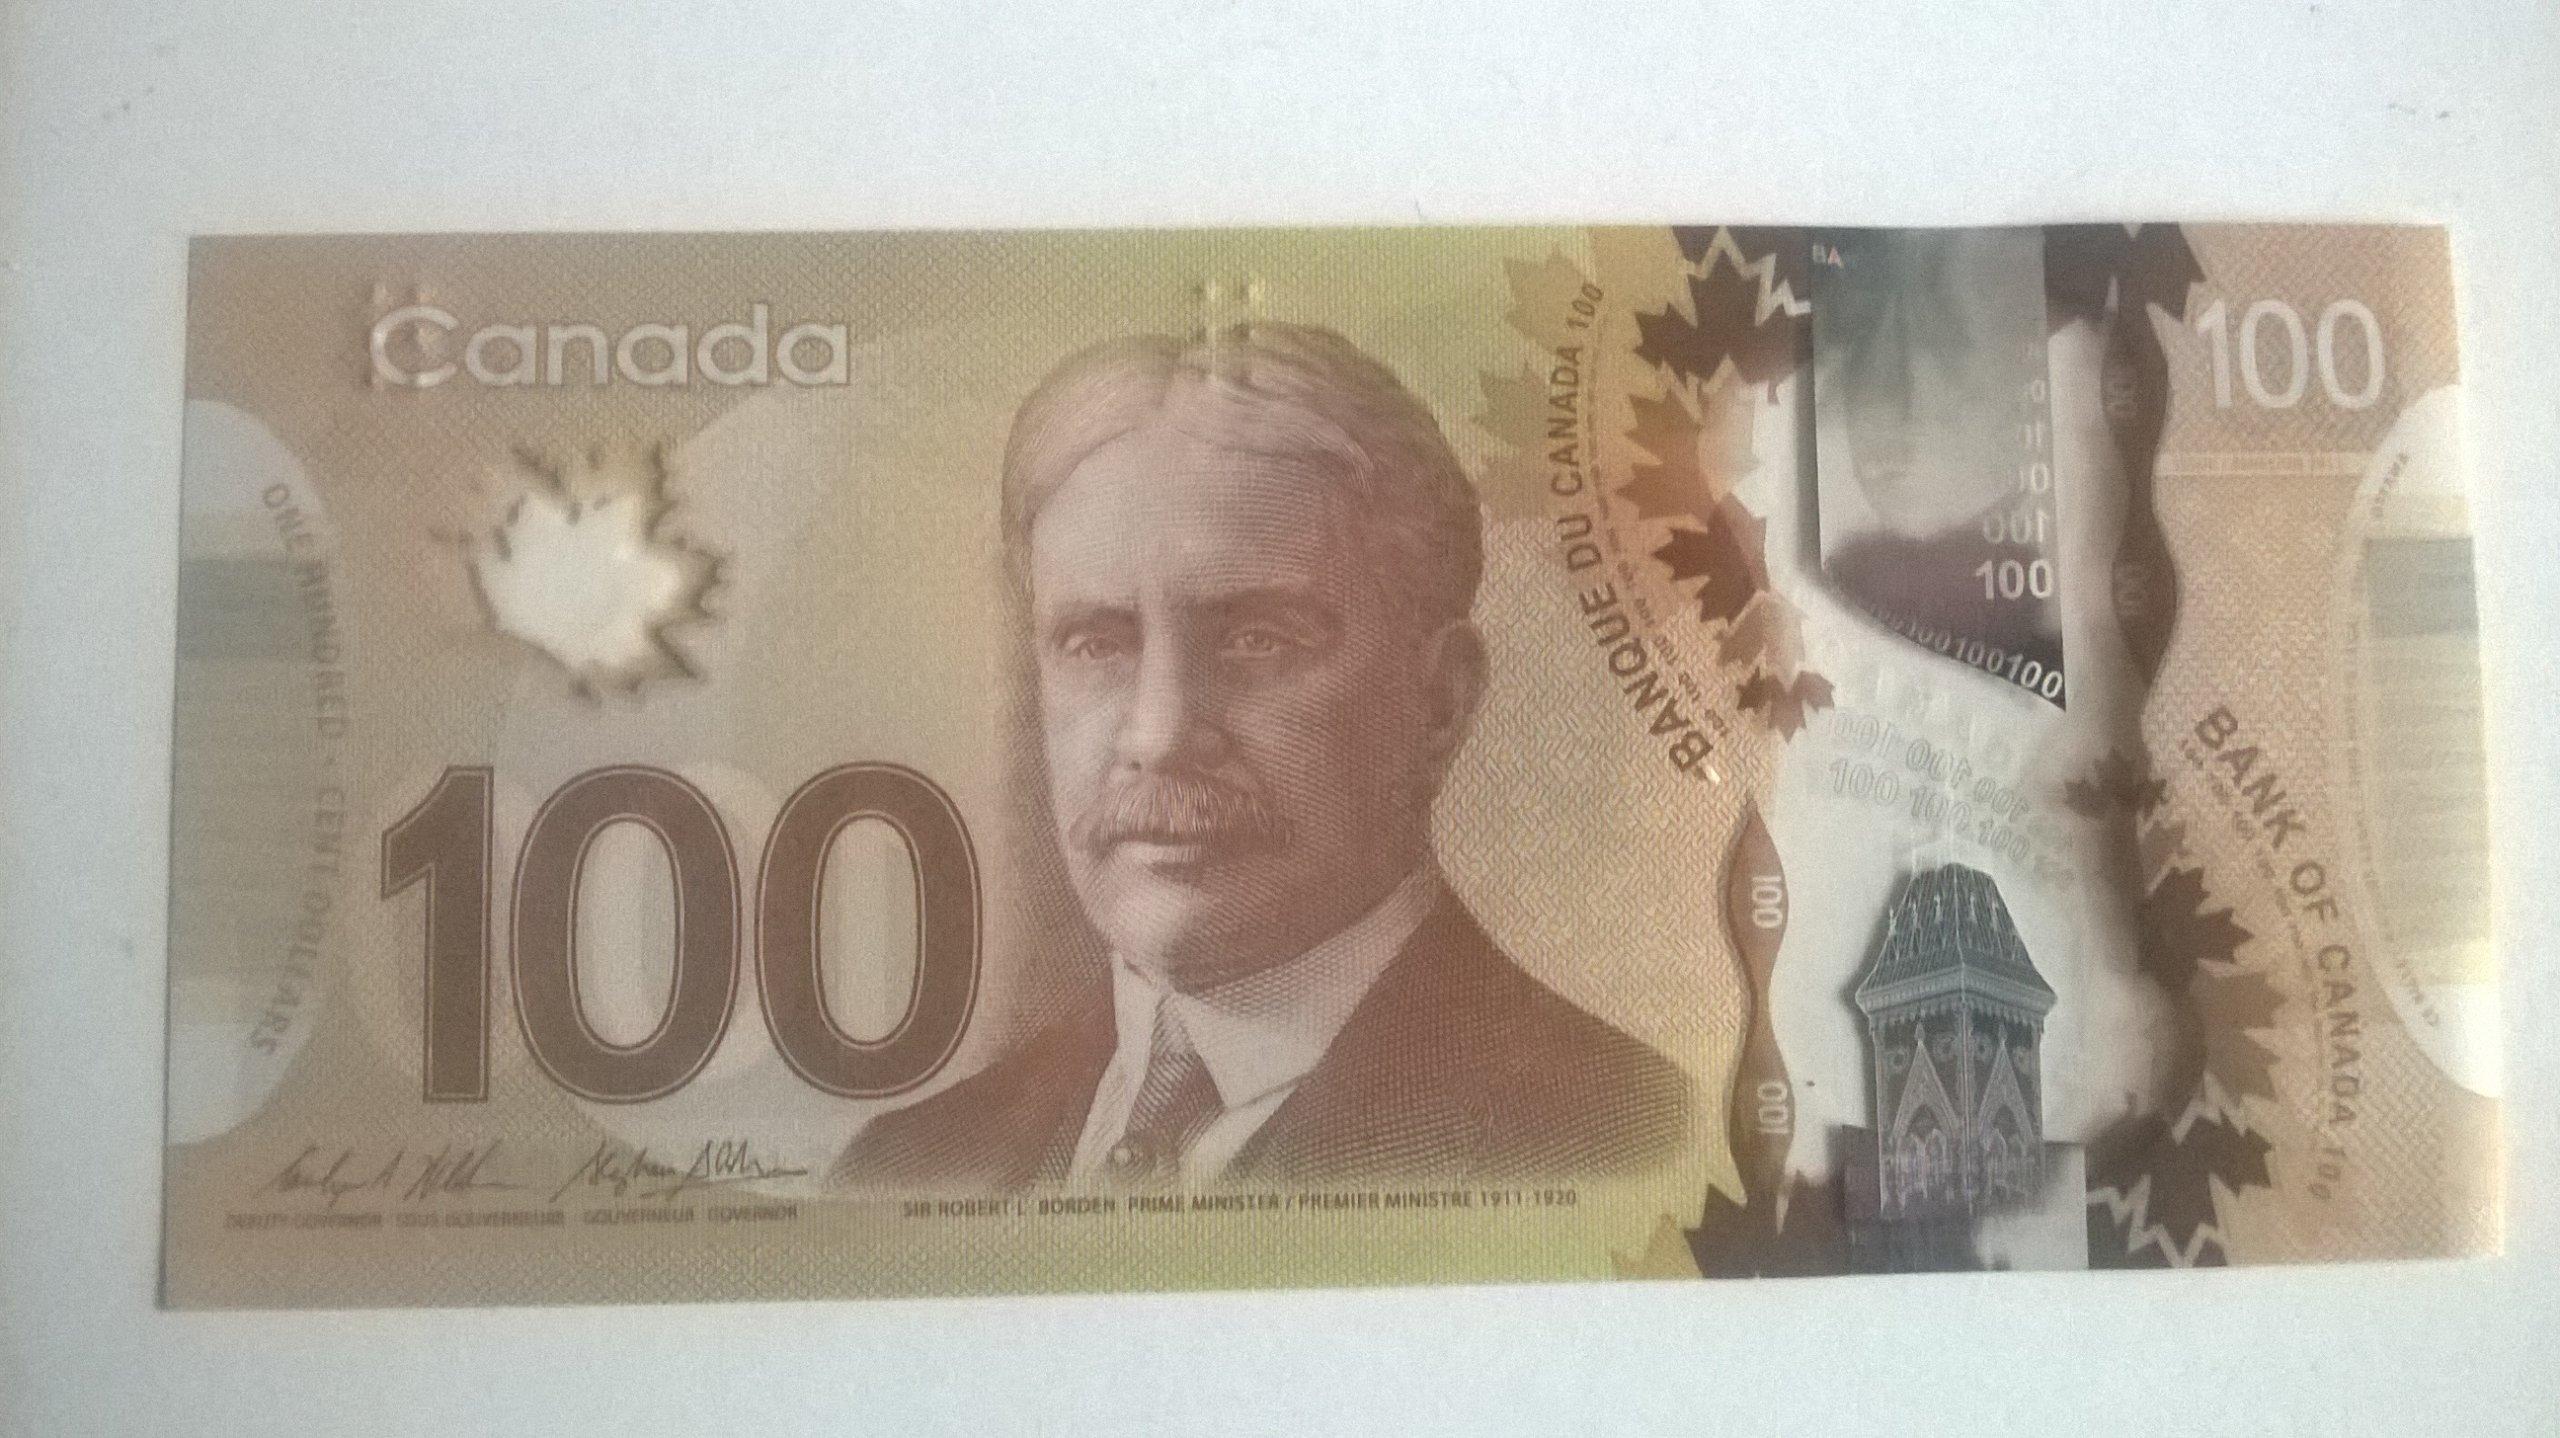 KANADA 100 dolarów - stan bankowy